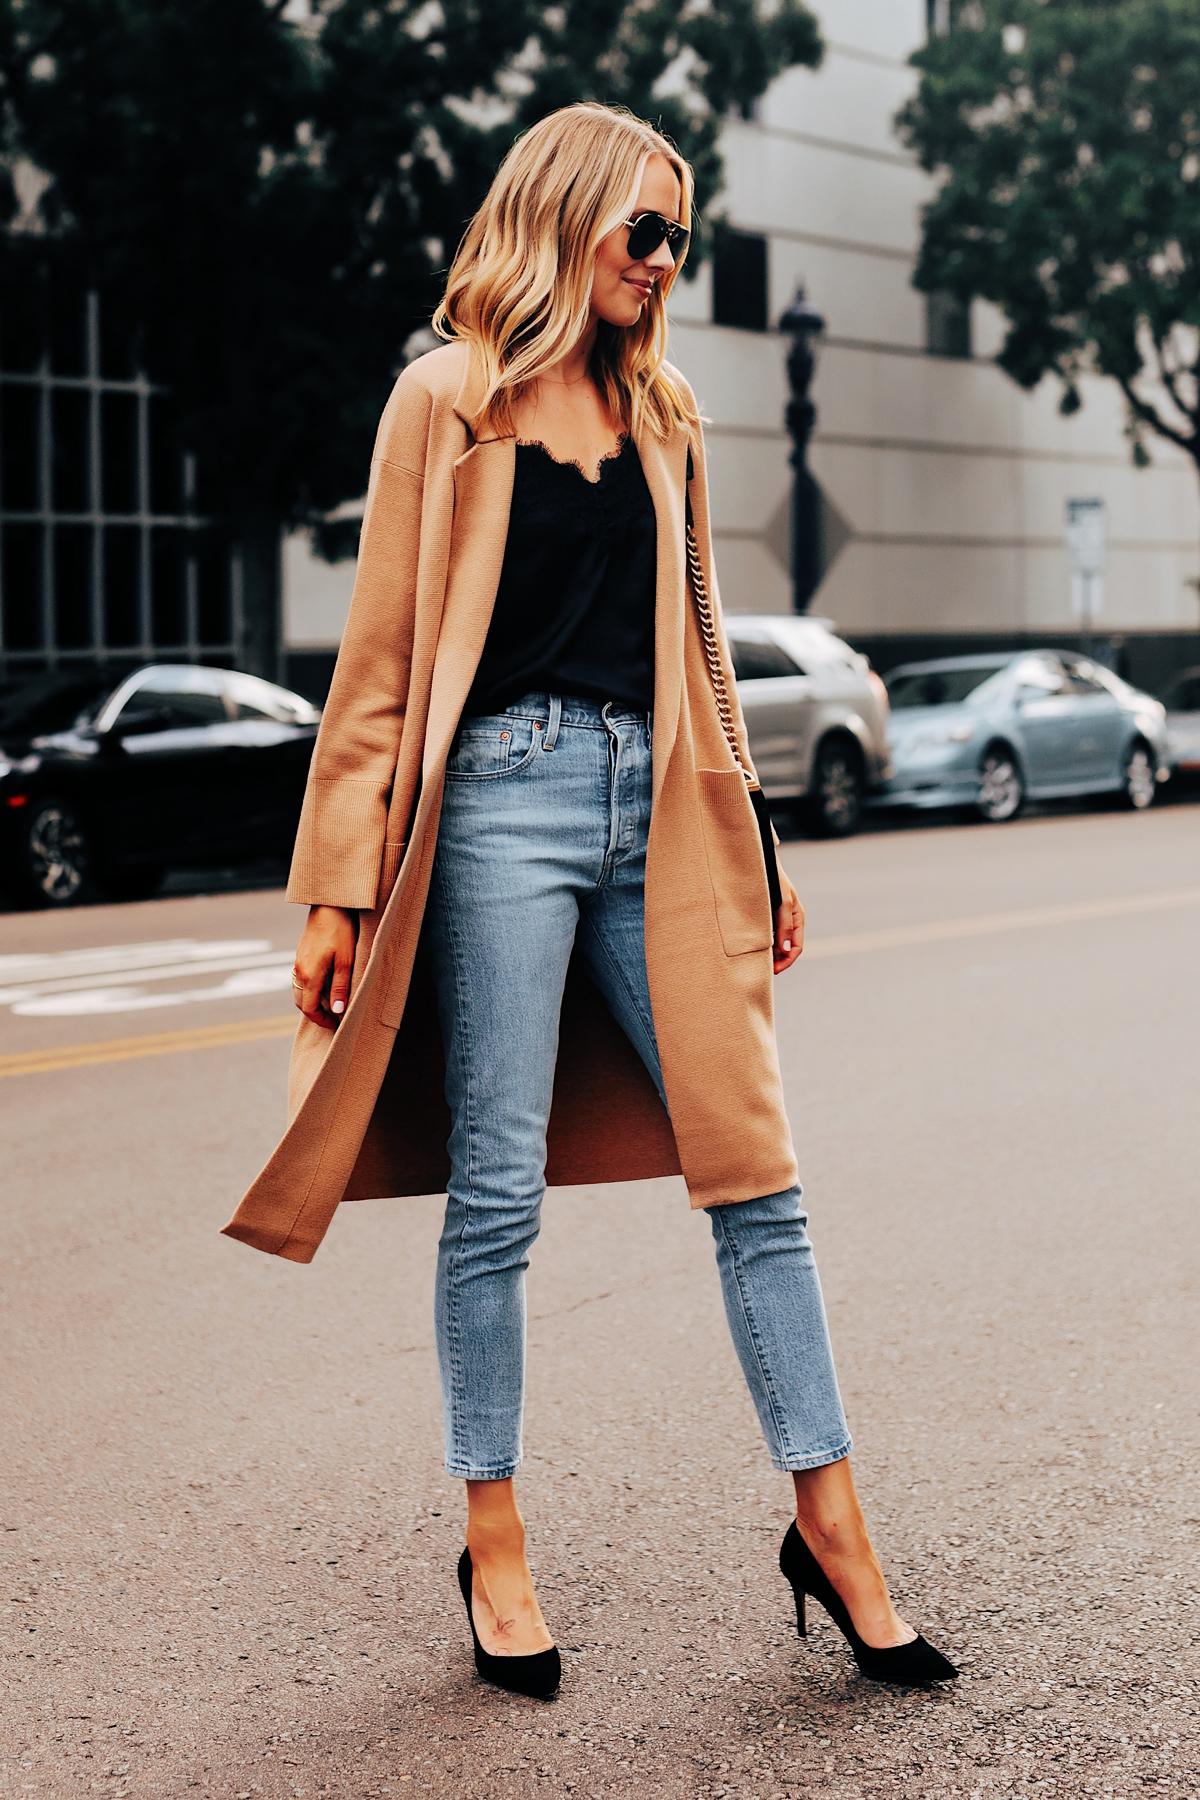 Fashion Jackson Wearing Jcrew Camel Coatigan Black Lace Cami Levis Jeans Black Pumps